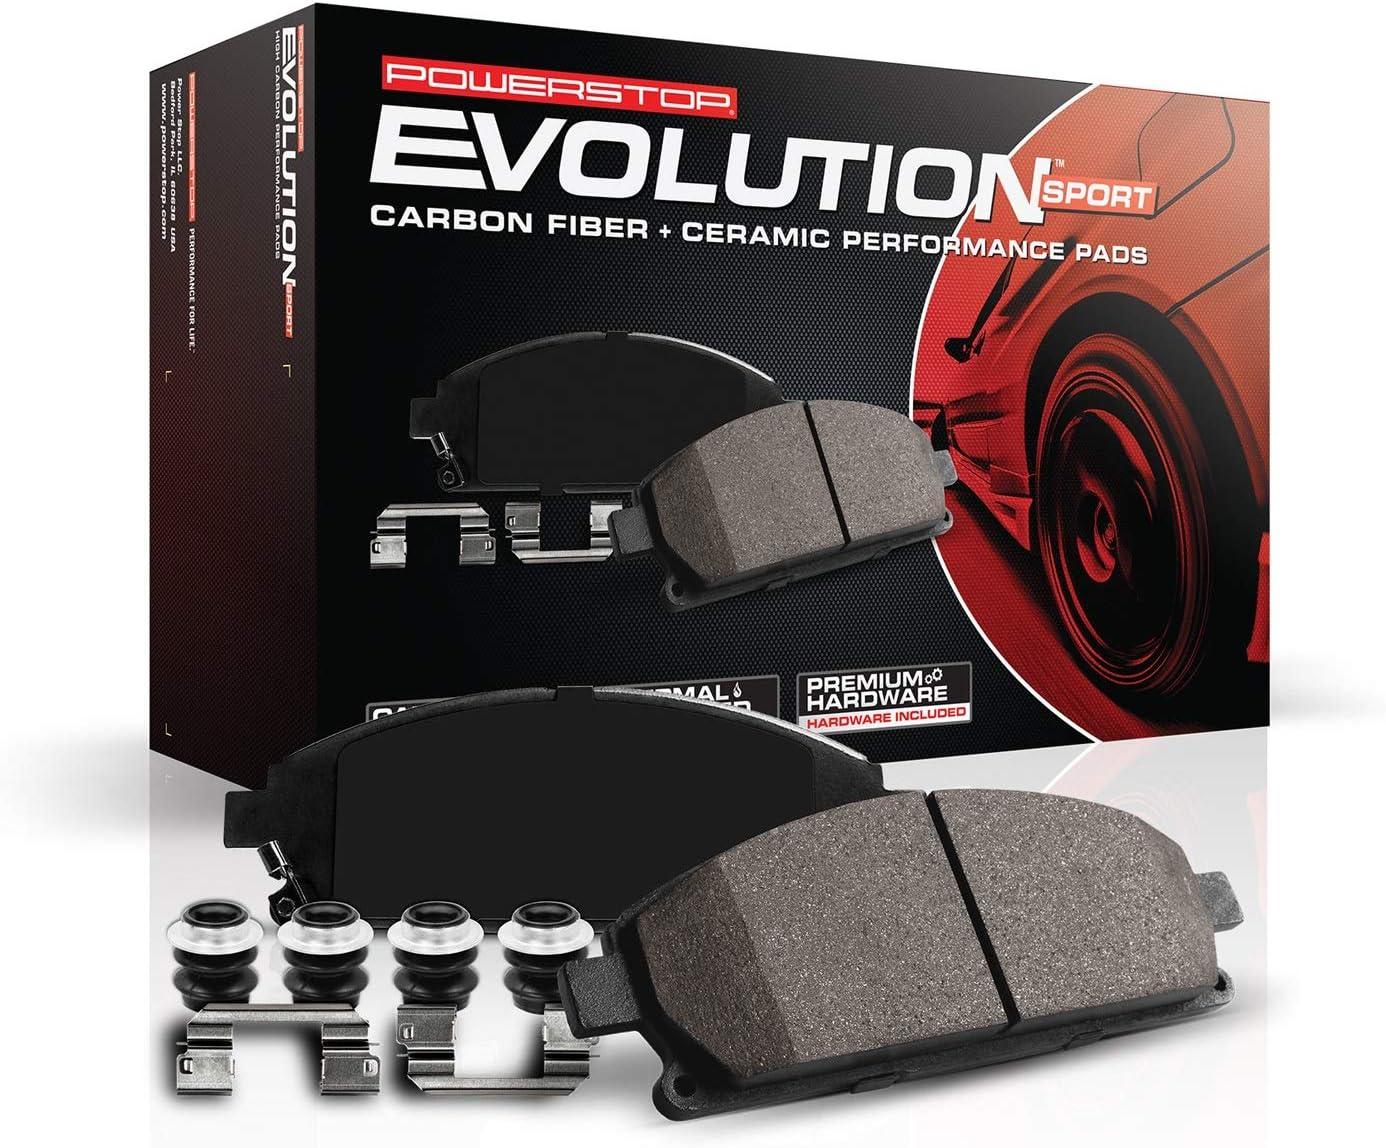 Z23 Evolution Sport Carbon-Fiber Ceramic Rear Brake Pads Power Stop Z23-1067